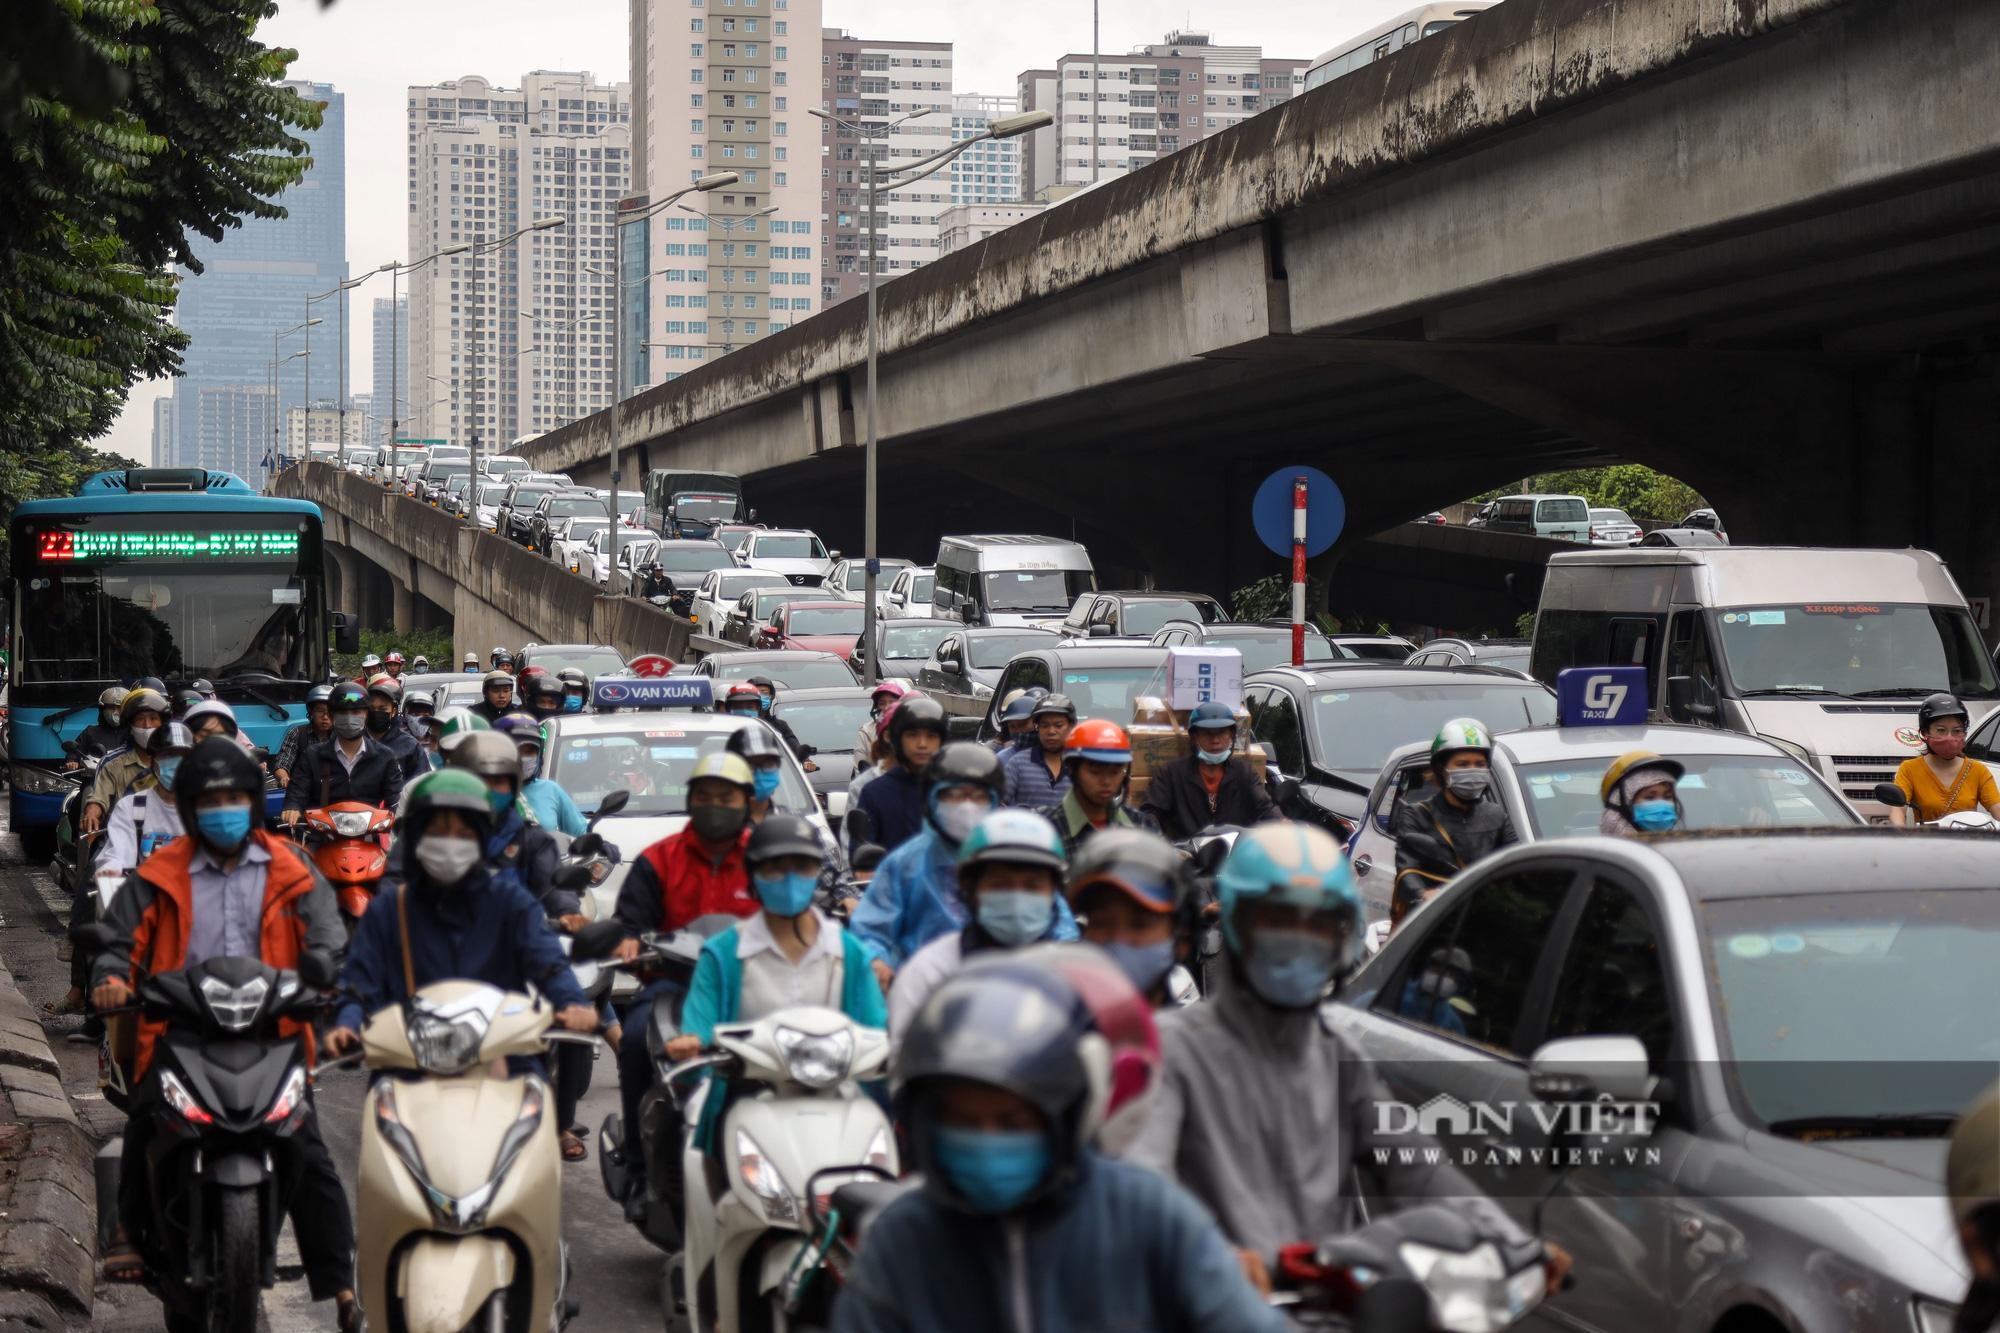 Tắc đường kinh hoàng trên địa bàn nhiều quận ở Hà Nội - Ảnh 7.